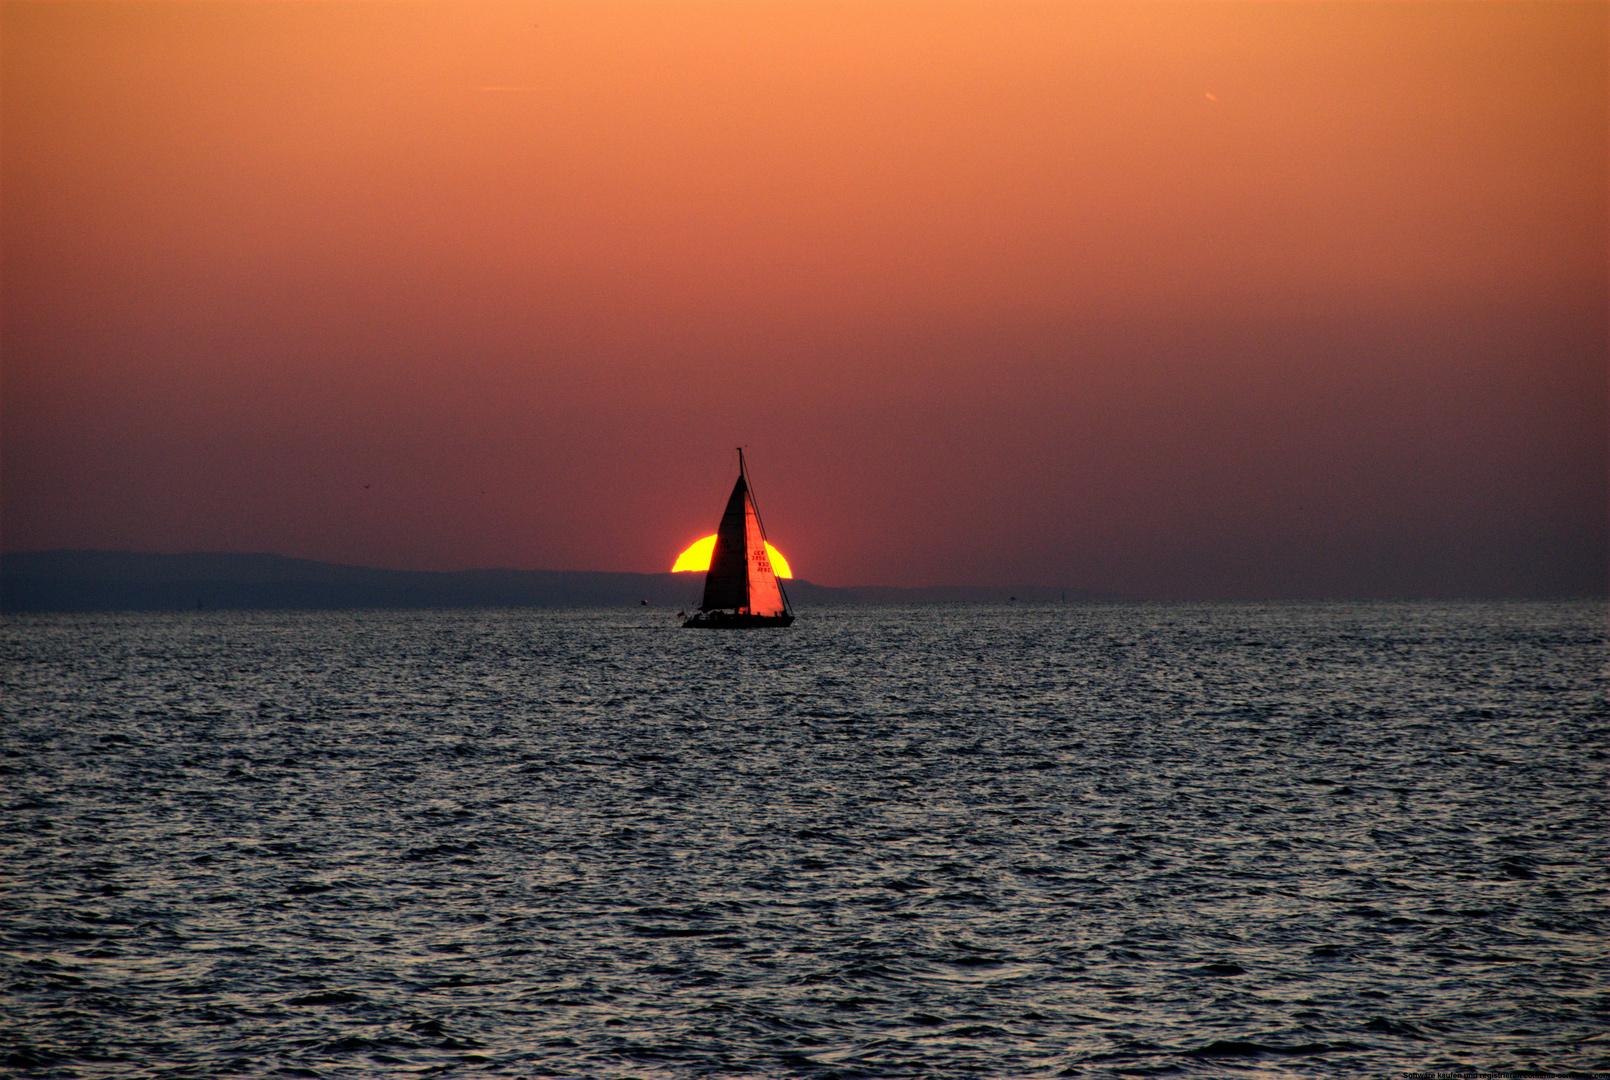 Segel in der Sonne